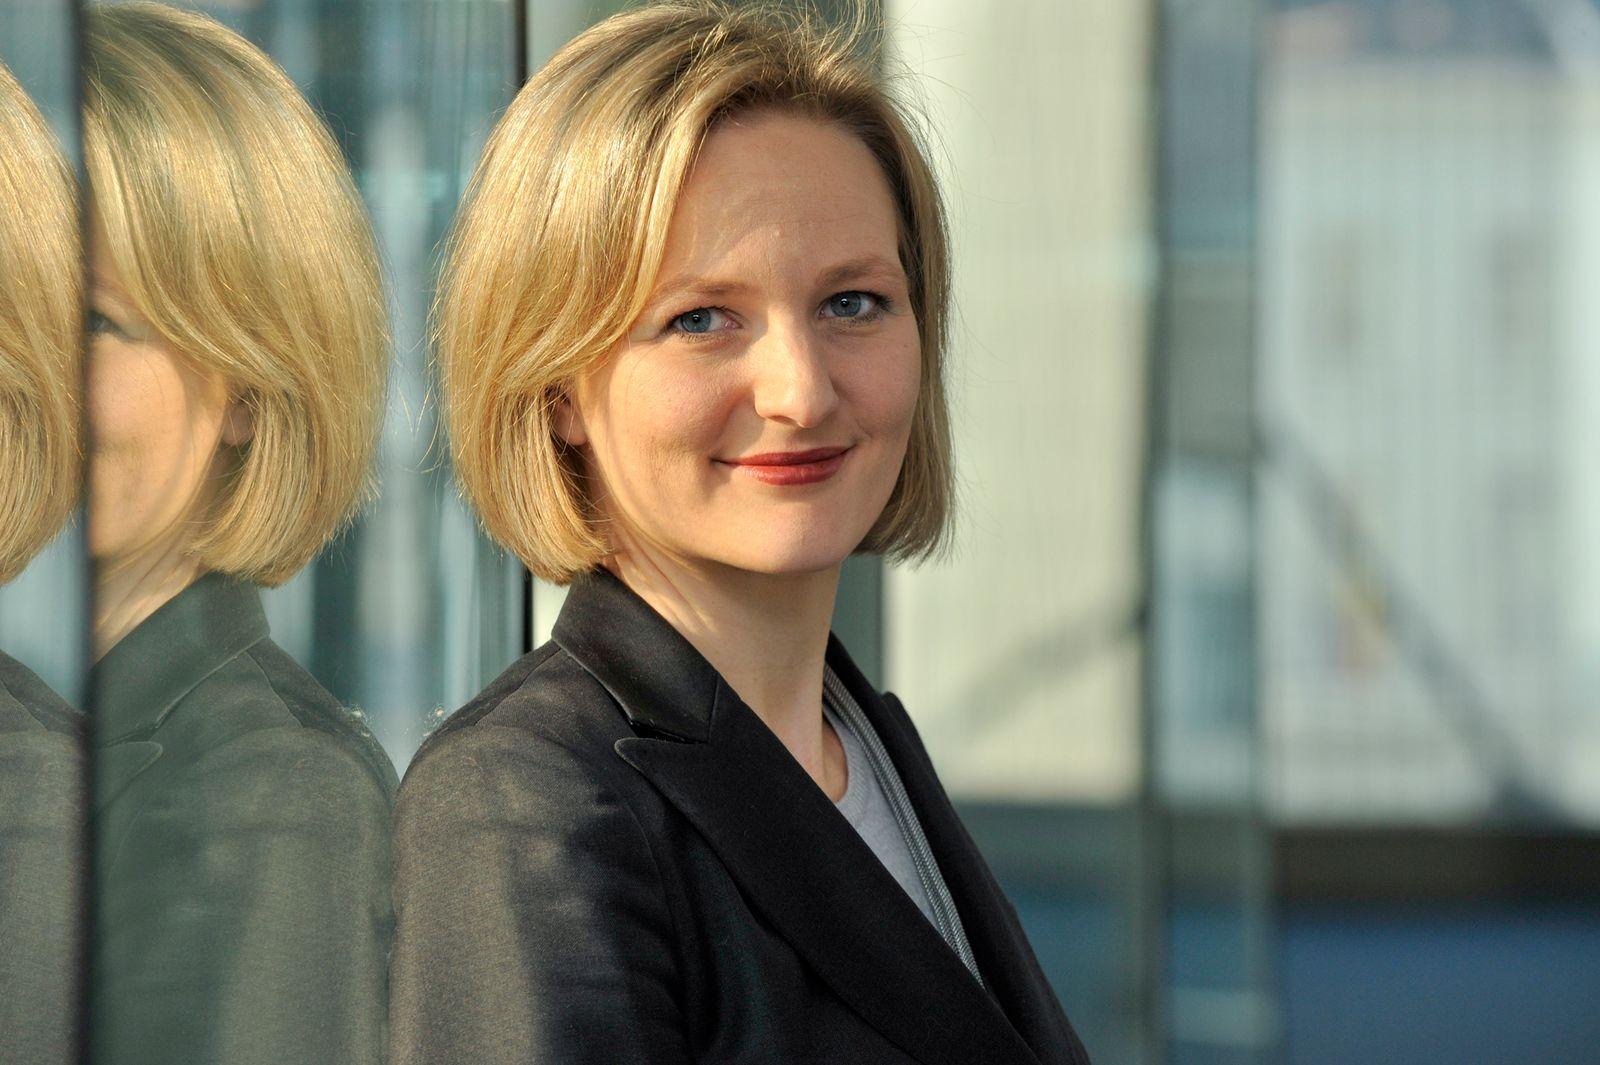 Franziska Brantner/ Die Grünen